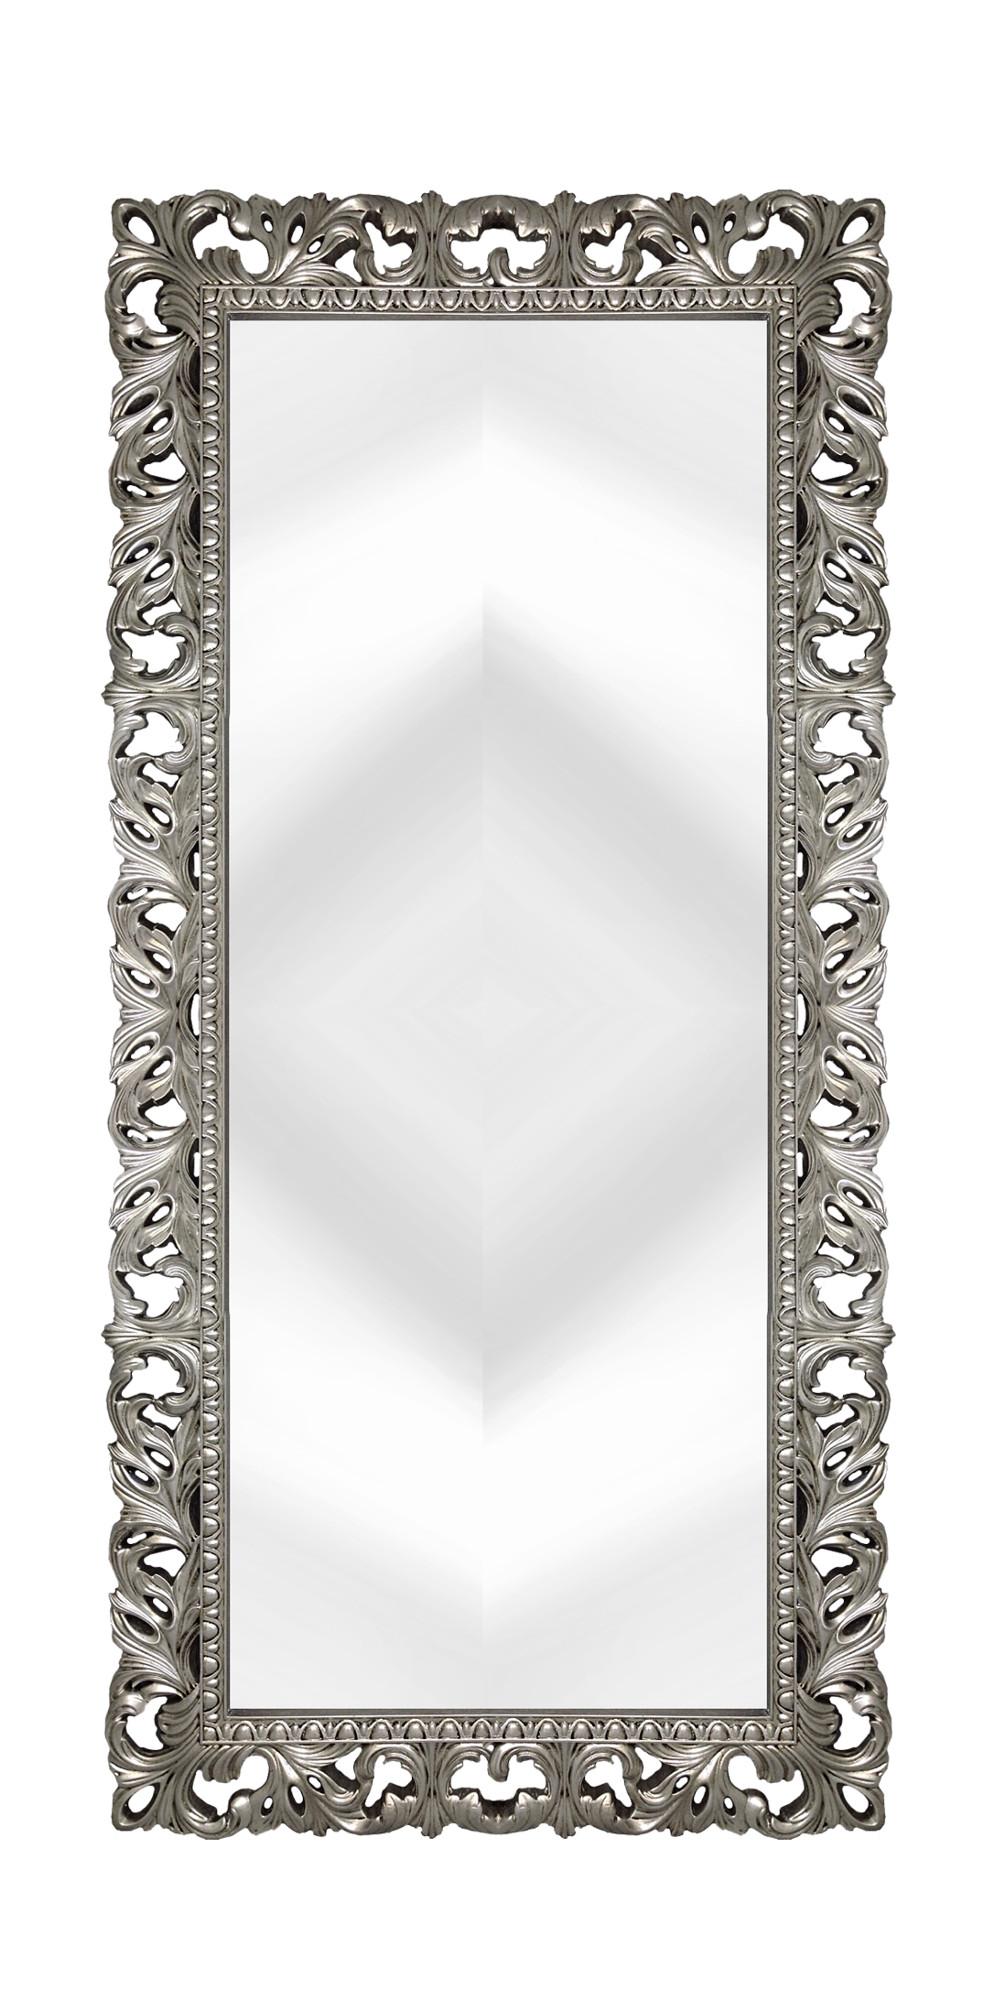 Купить Напольное зеркало большое итальянское, inmyroom